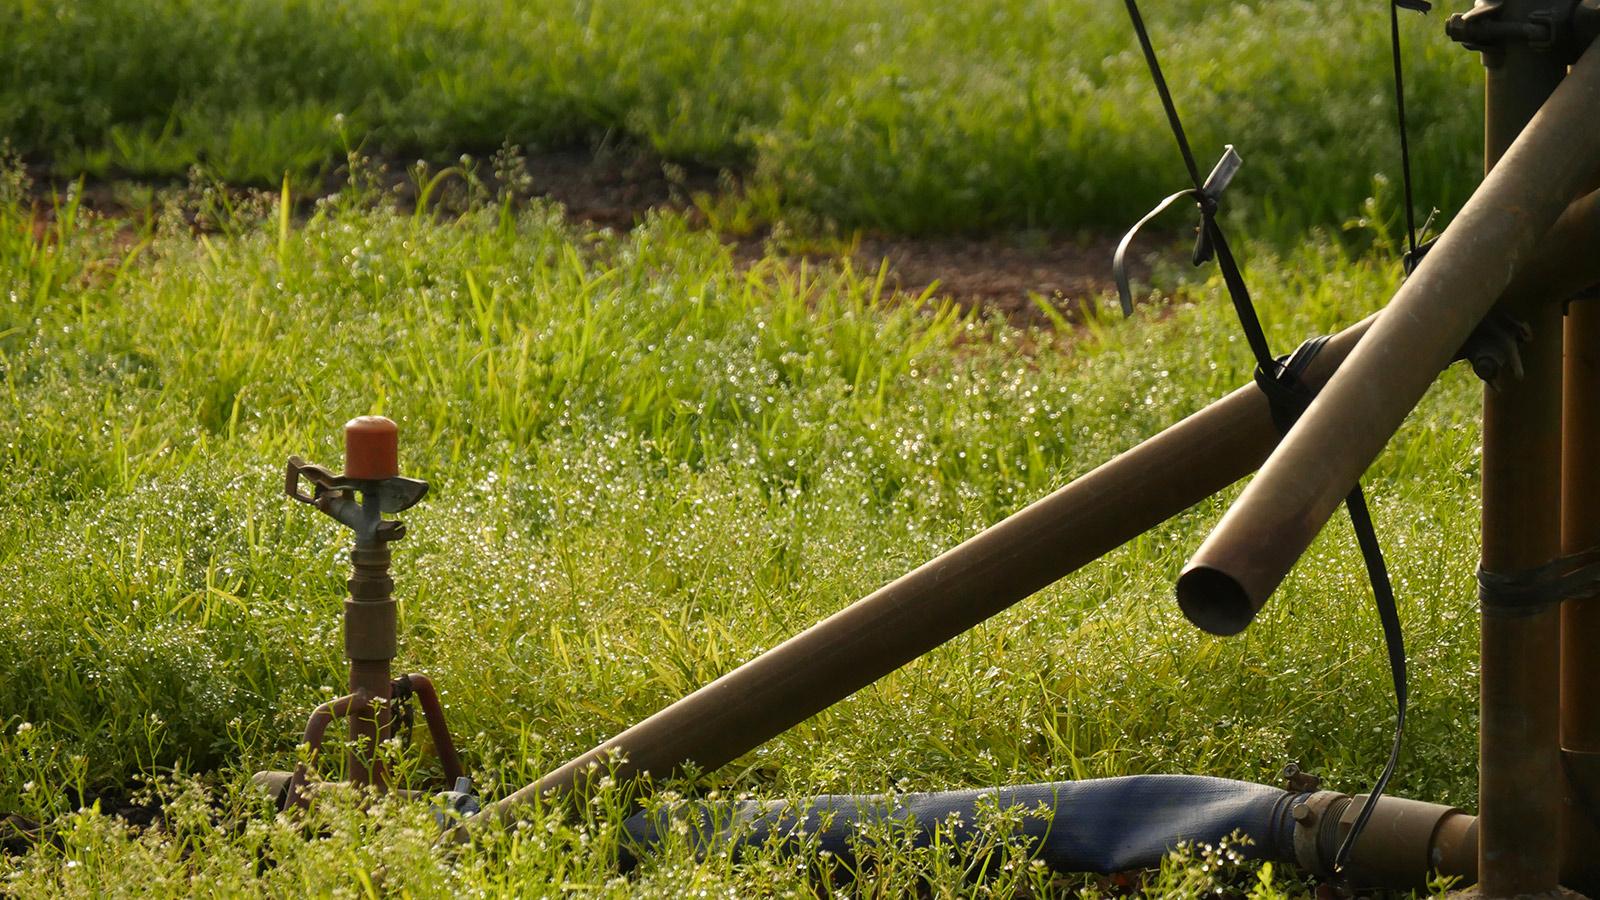 スプリンクラーでの散水も行われていますので、この時期、外がだいぶ乾燥しているのでハウス内に入るとその湿度に安心します。